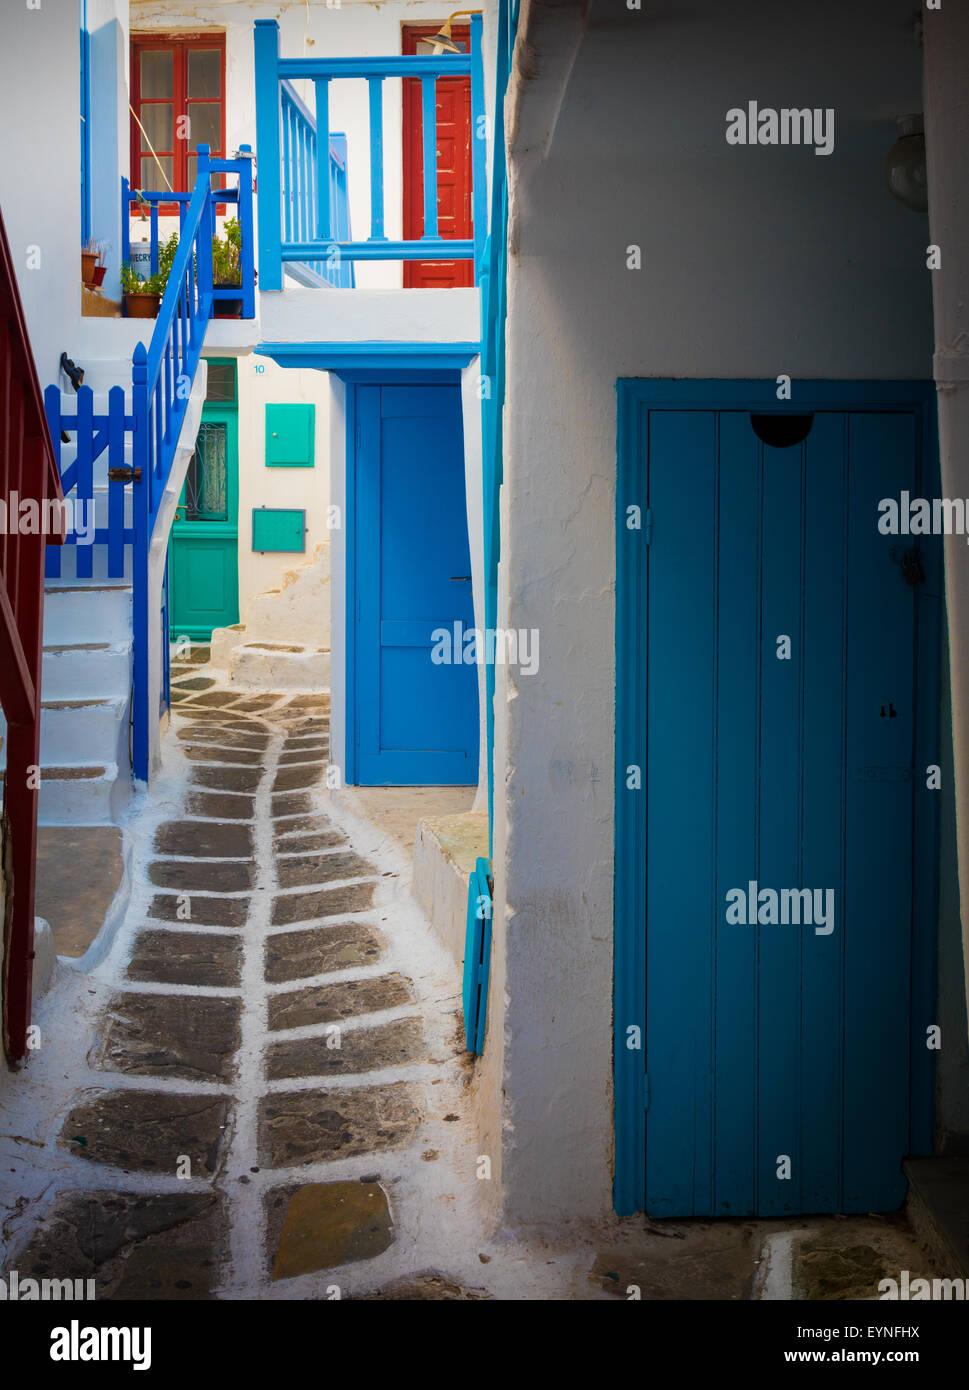 Streets in Mykonos town on the Greek island of Mykonos. - Stock Image